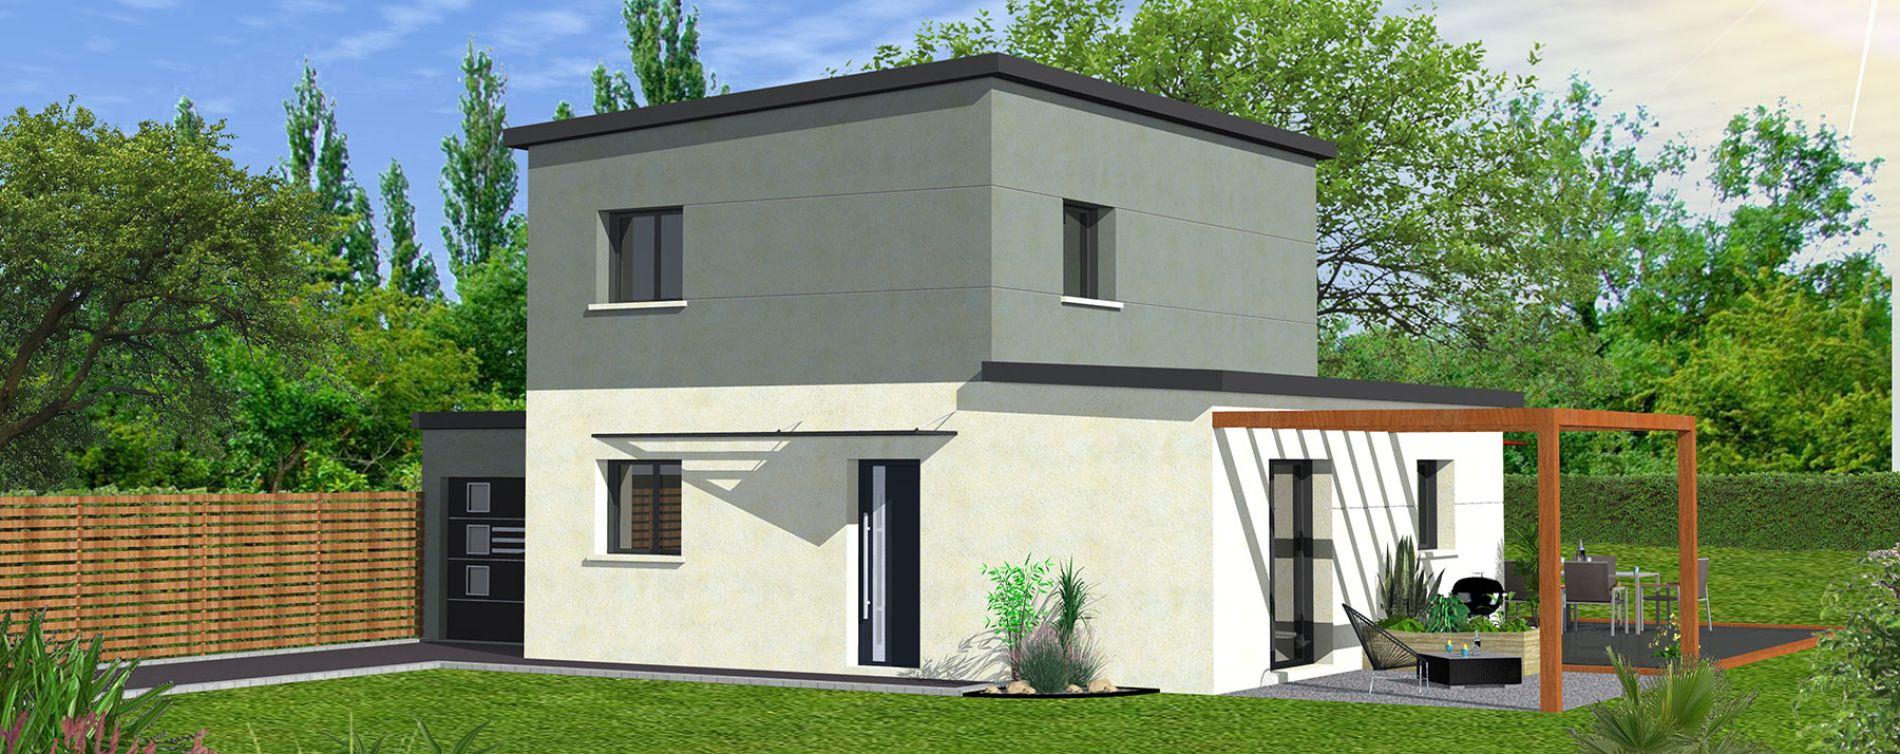 Ploudalmézeau : programme immobilier neuve « Tréompan »